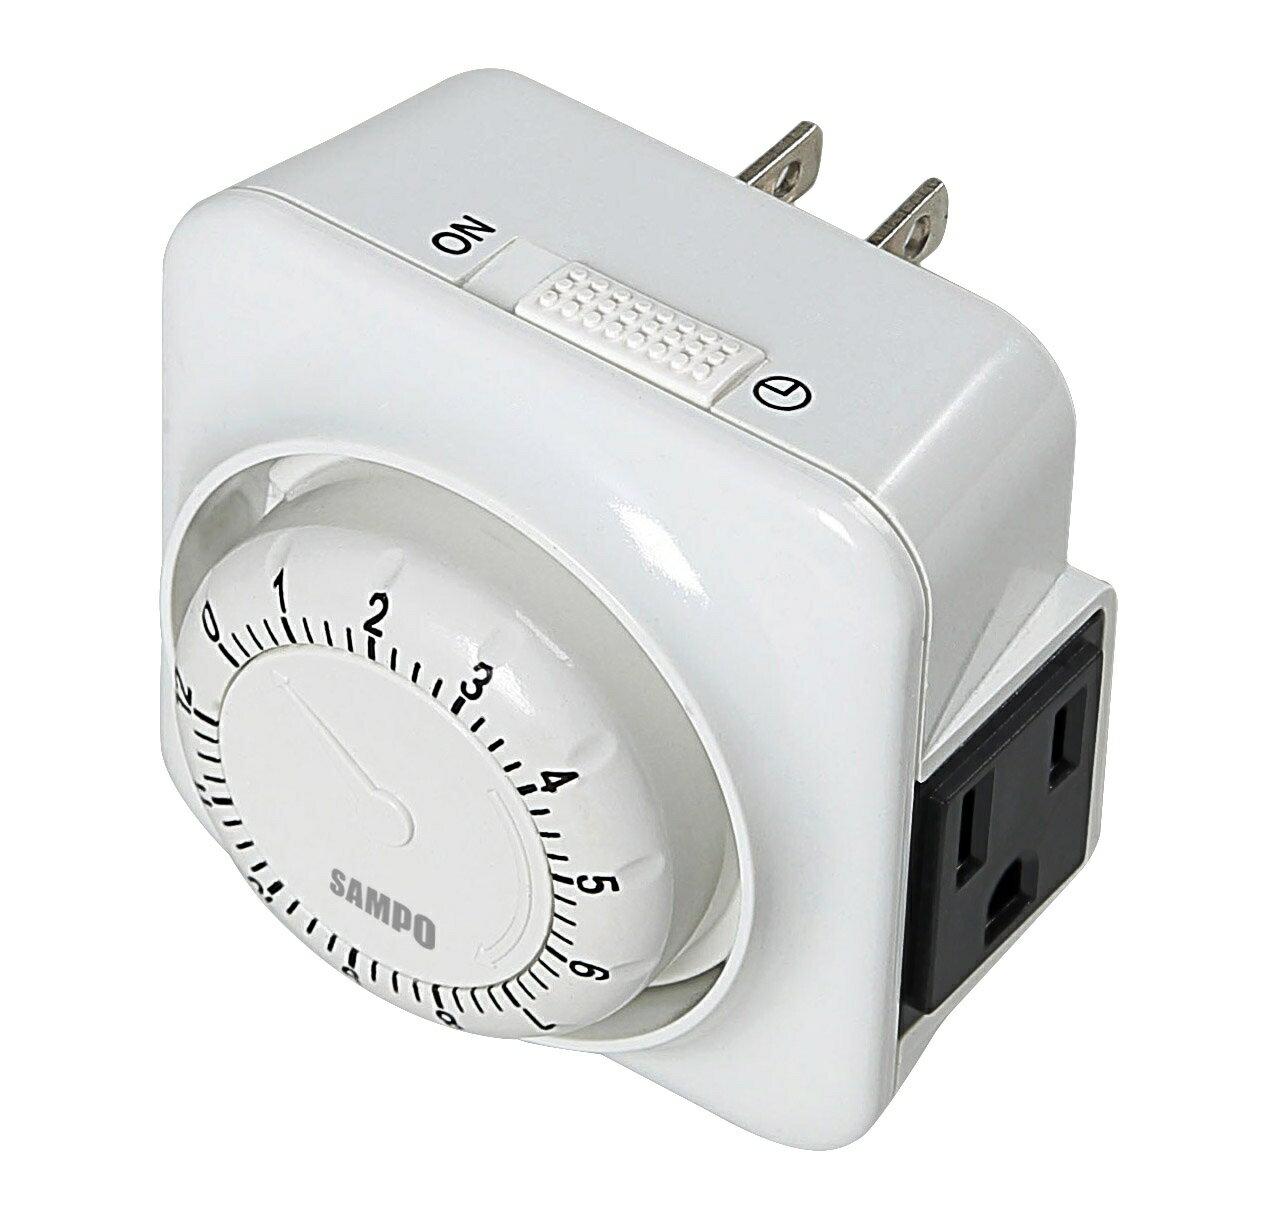 SAMPO 聲寶 倒數計時定時器 適用大同電鍋定時 電風扇定時 #EP-UP1BT